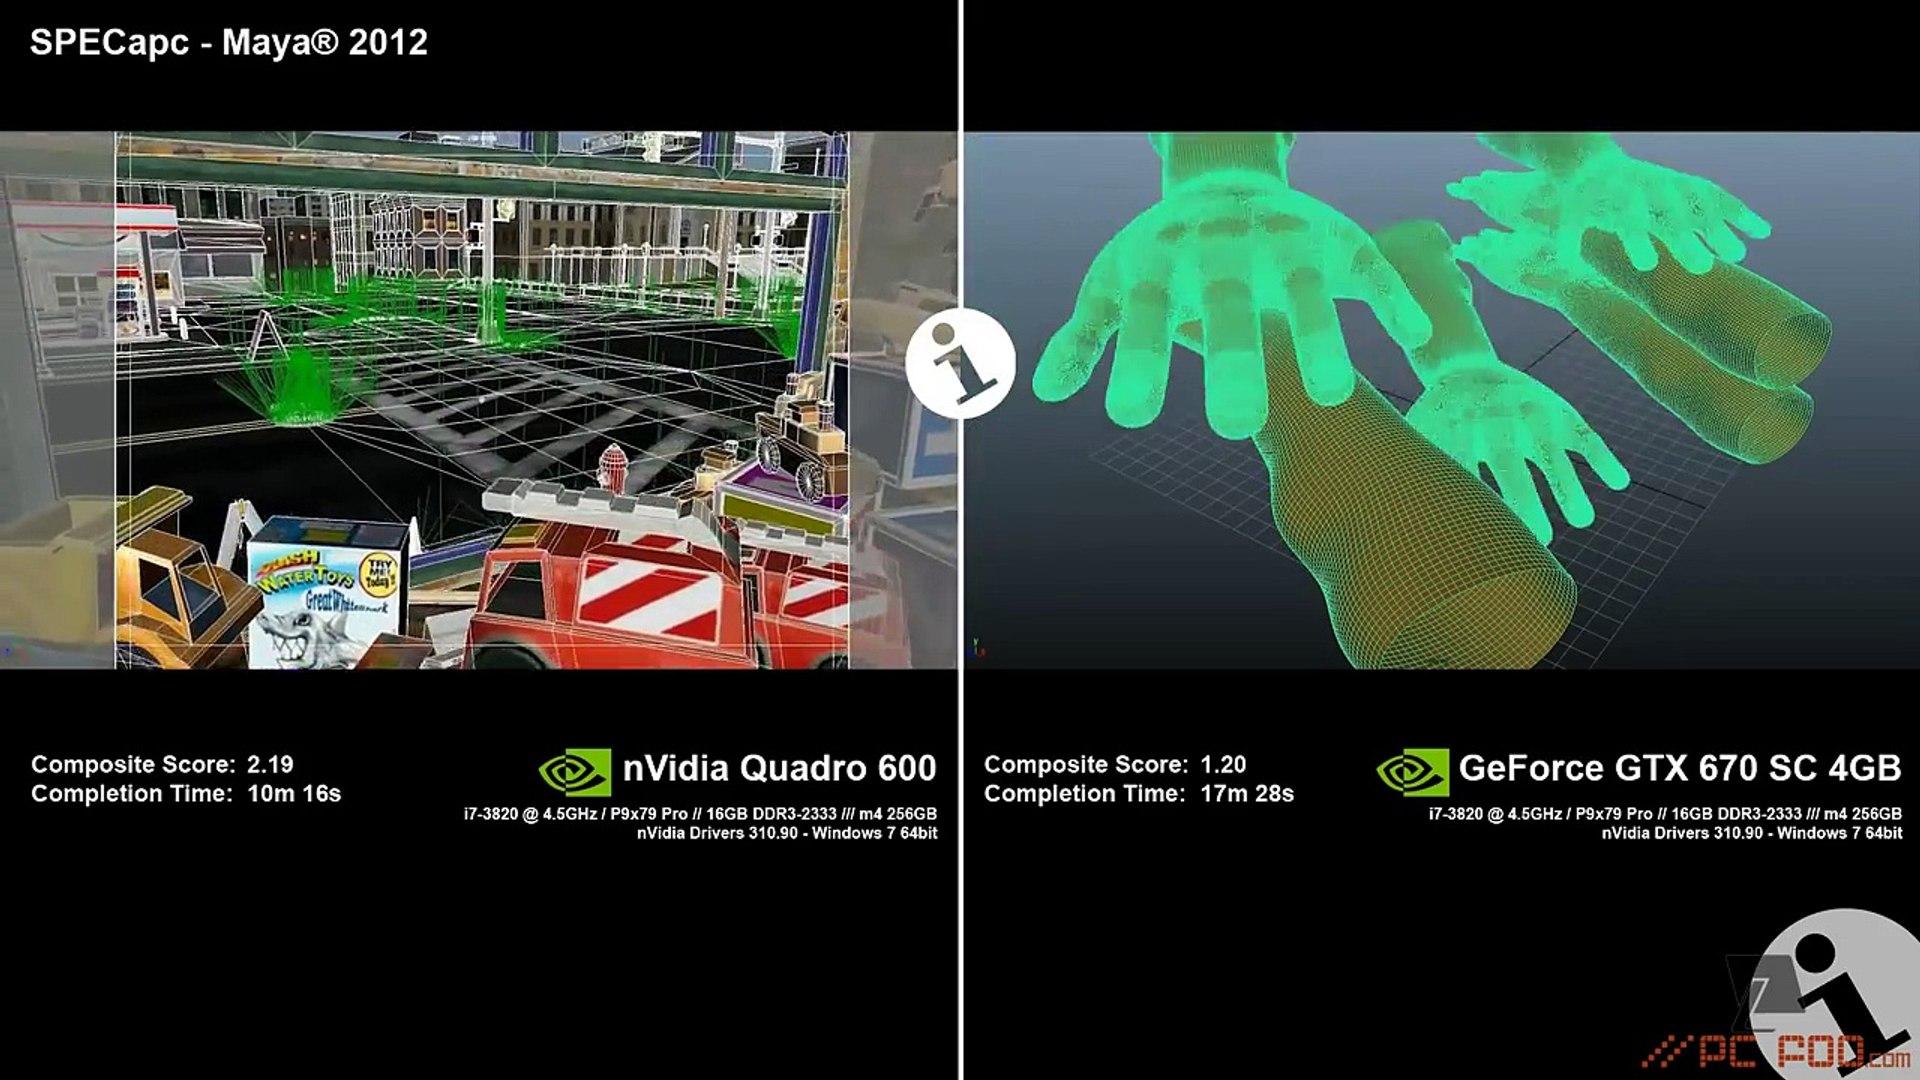 nVidia Quadro 600 vs GTX 670 SC 4GB in SPECapc for Maya® new - PCfoo com